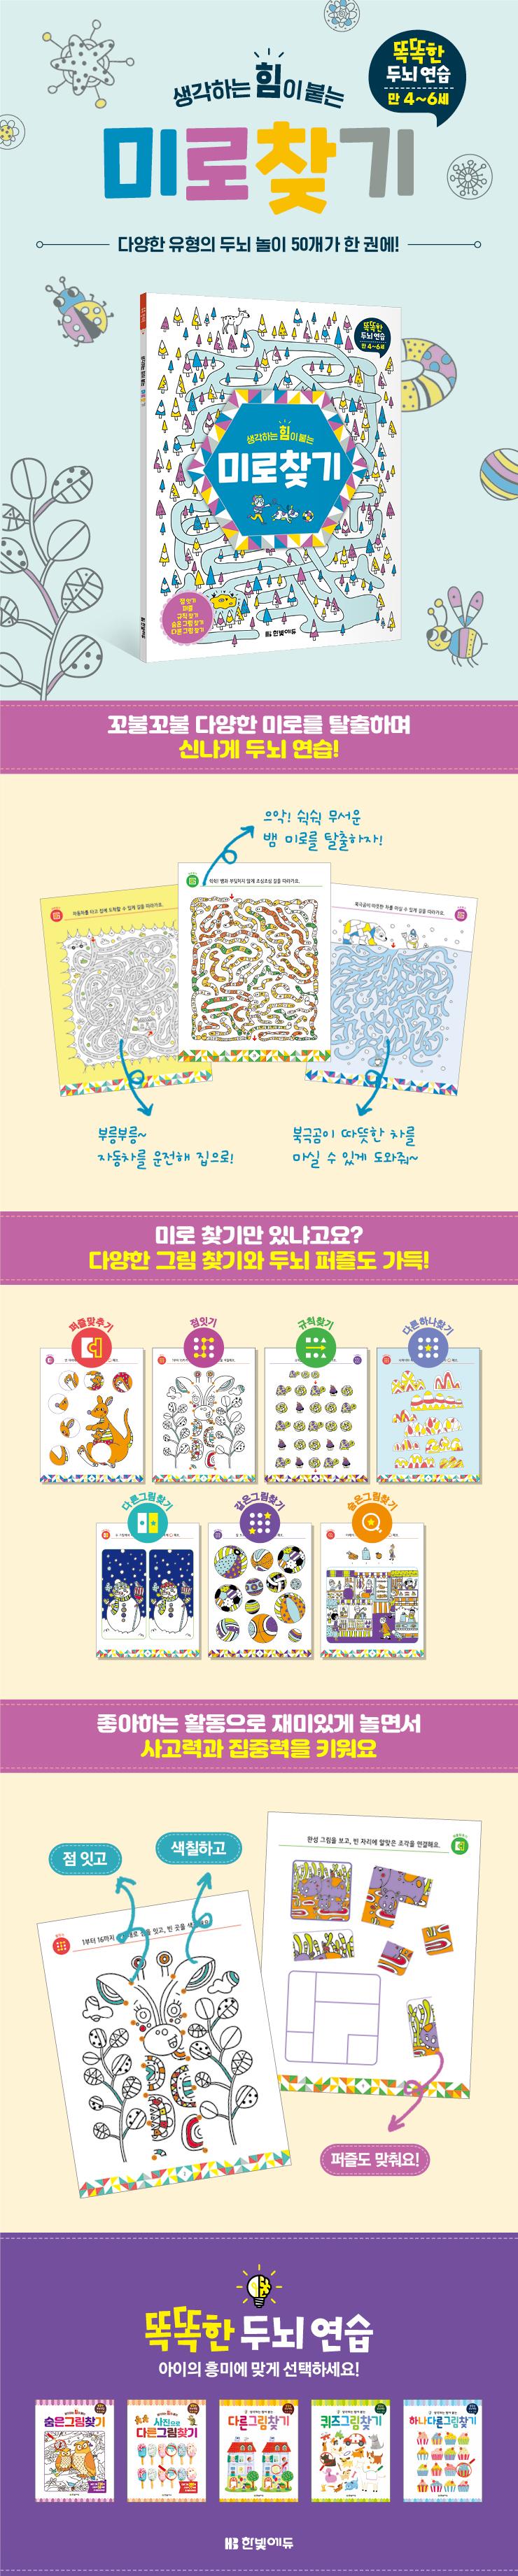 한빛에듀-미로찾기_상세이미지(740).jpg